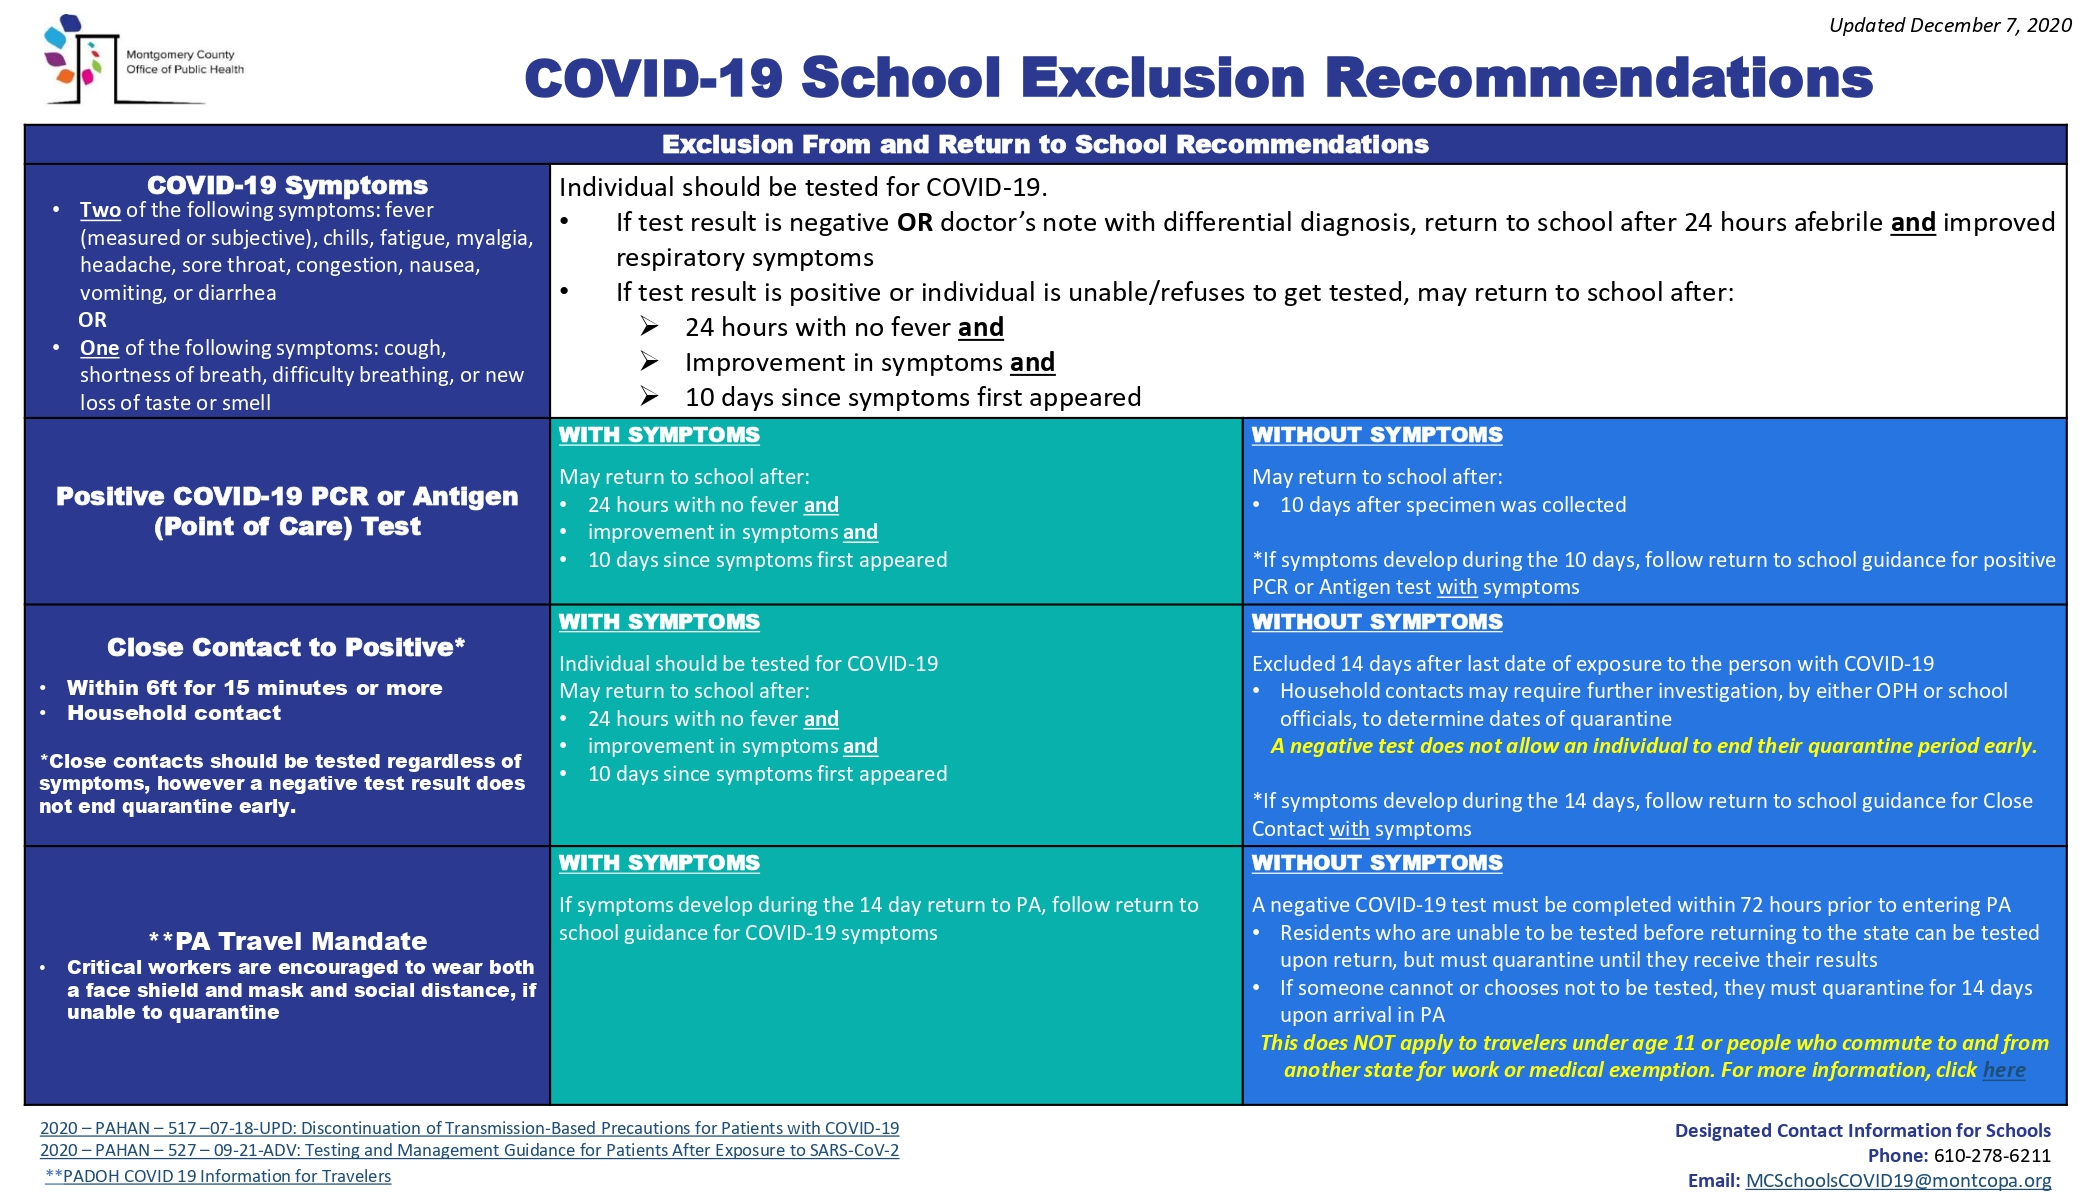 COVID-19 School Exclusion Guide - Dec 2020